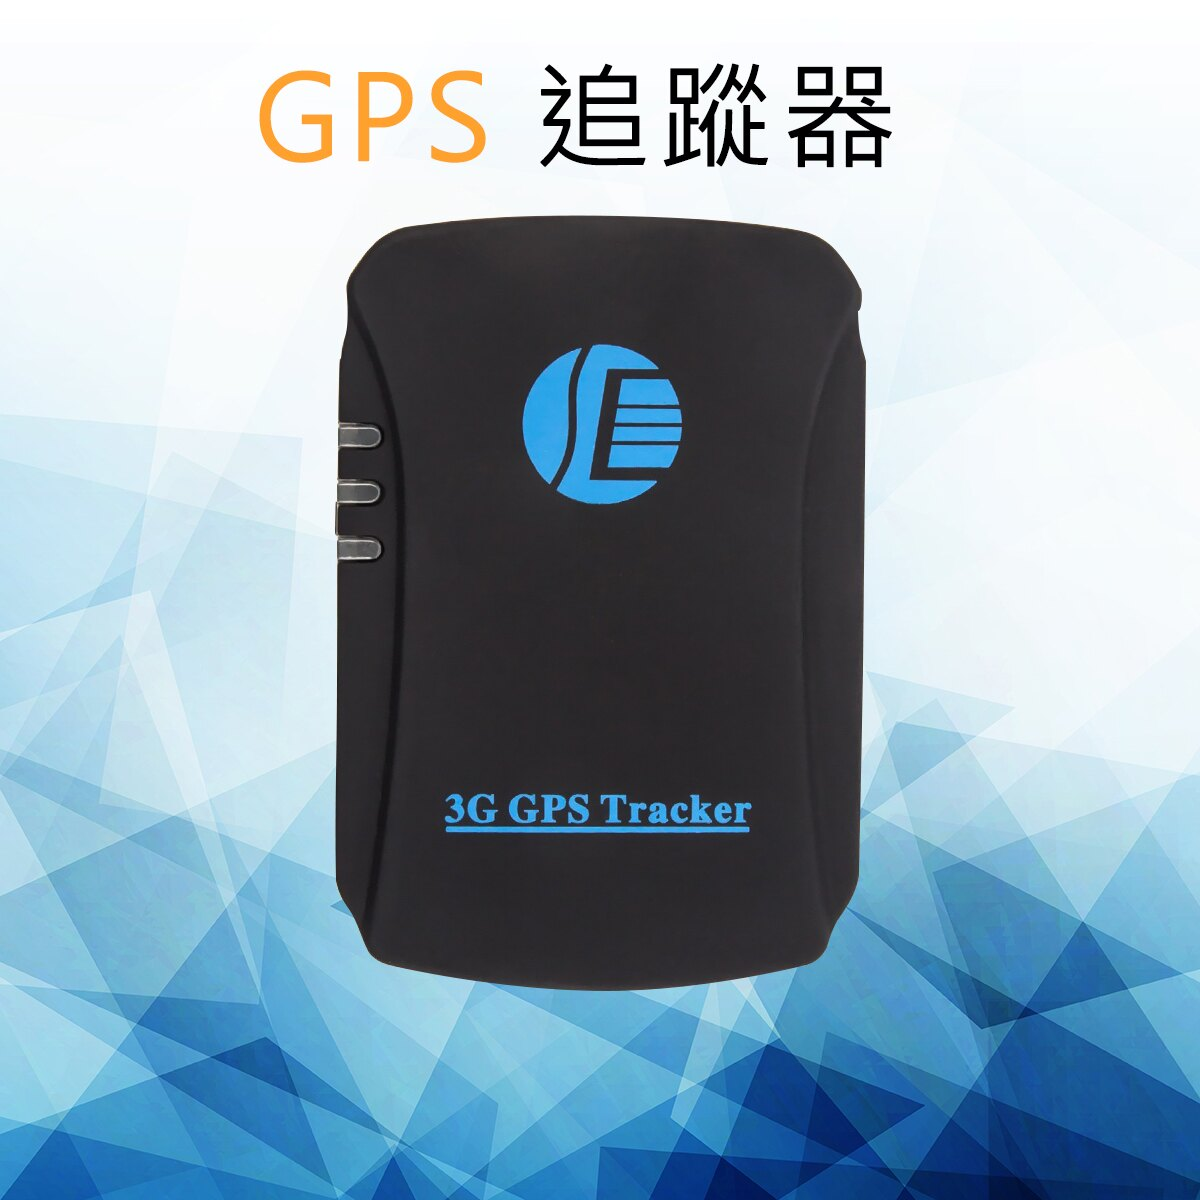 3G GPS追蹤器 定位器 摩托車微型個人汽車gps 定位跟?器 防盜器 男友追?器